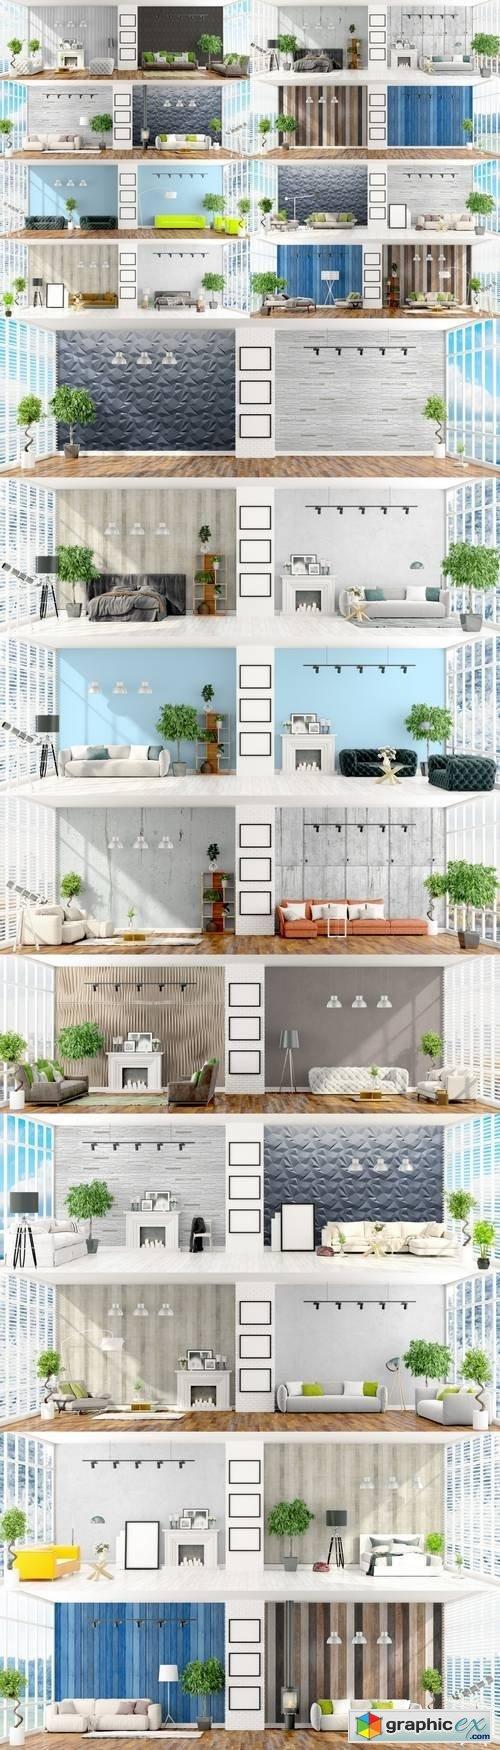 Modern Bright Interior - 3D Rendering